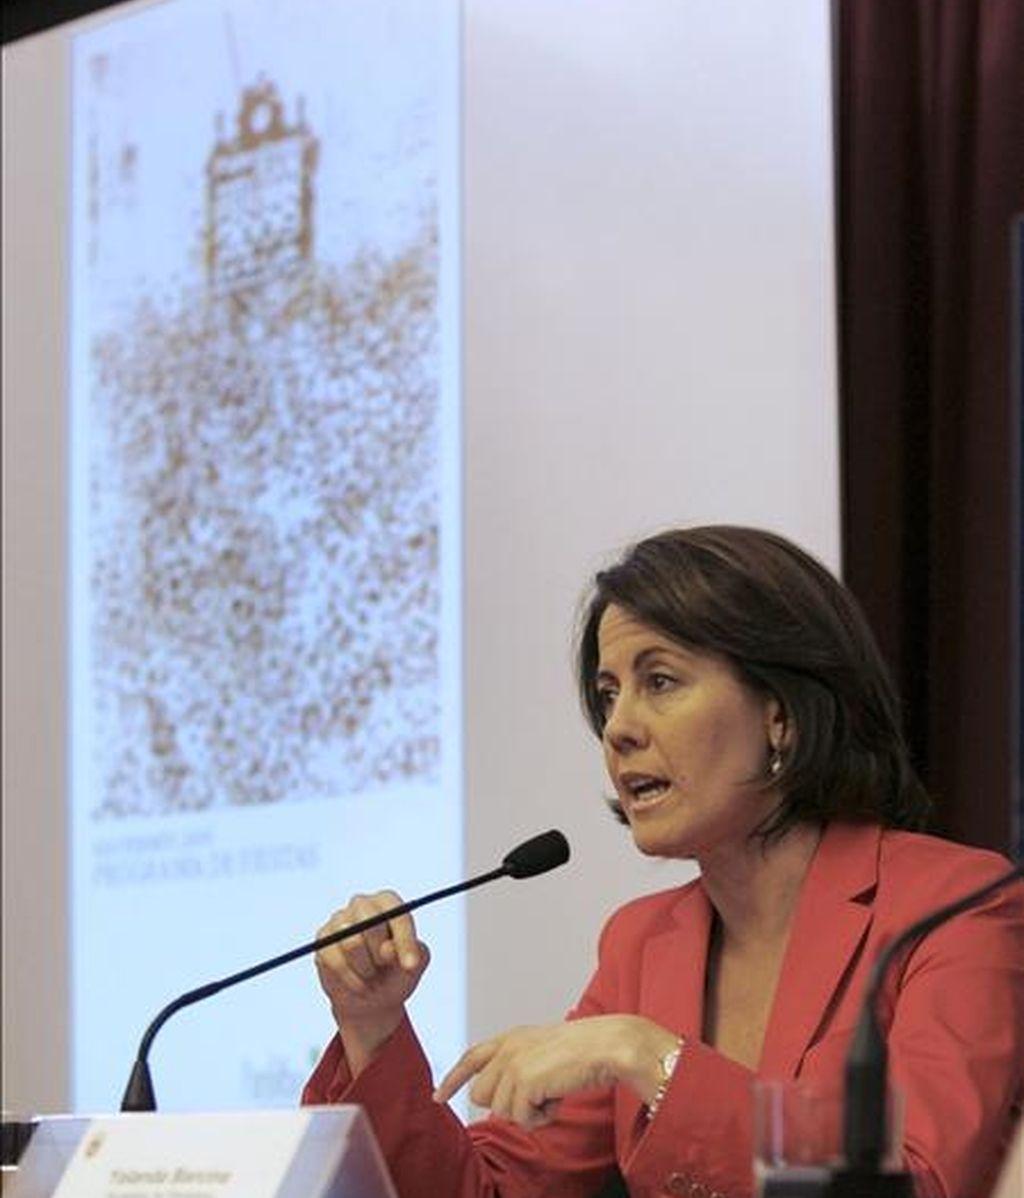 La alcaldesa de Pamplona, Yolanda Barcina, durante la rueda de prensa que ofreció hoy, para da a conocer el programa de los próximos Sanfermines. EFE